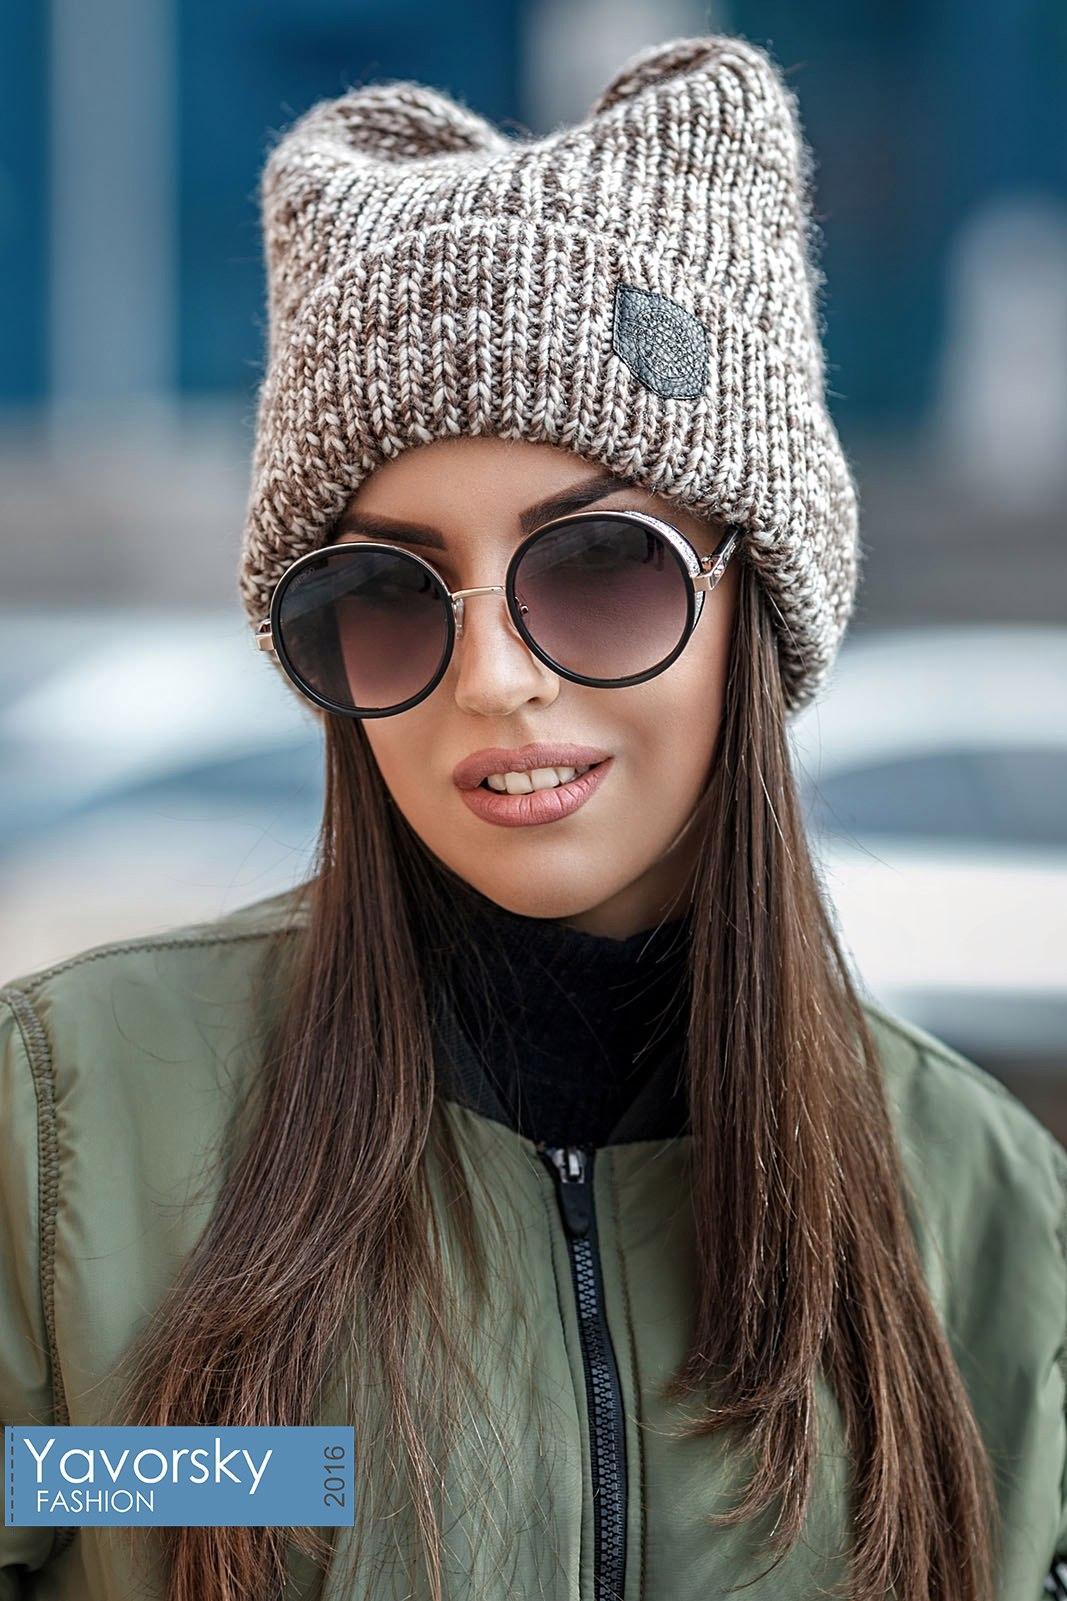 dfc5e17bdd67 Женские шапки: 100+ новинок и трендов сезона Осень-Зима 2019